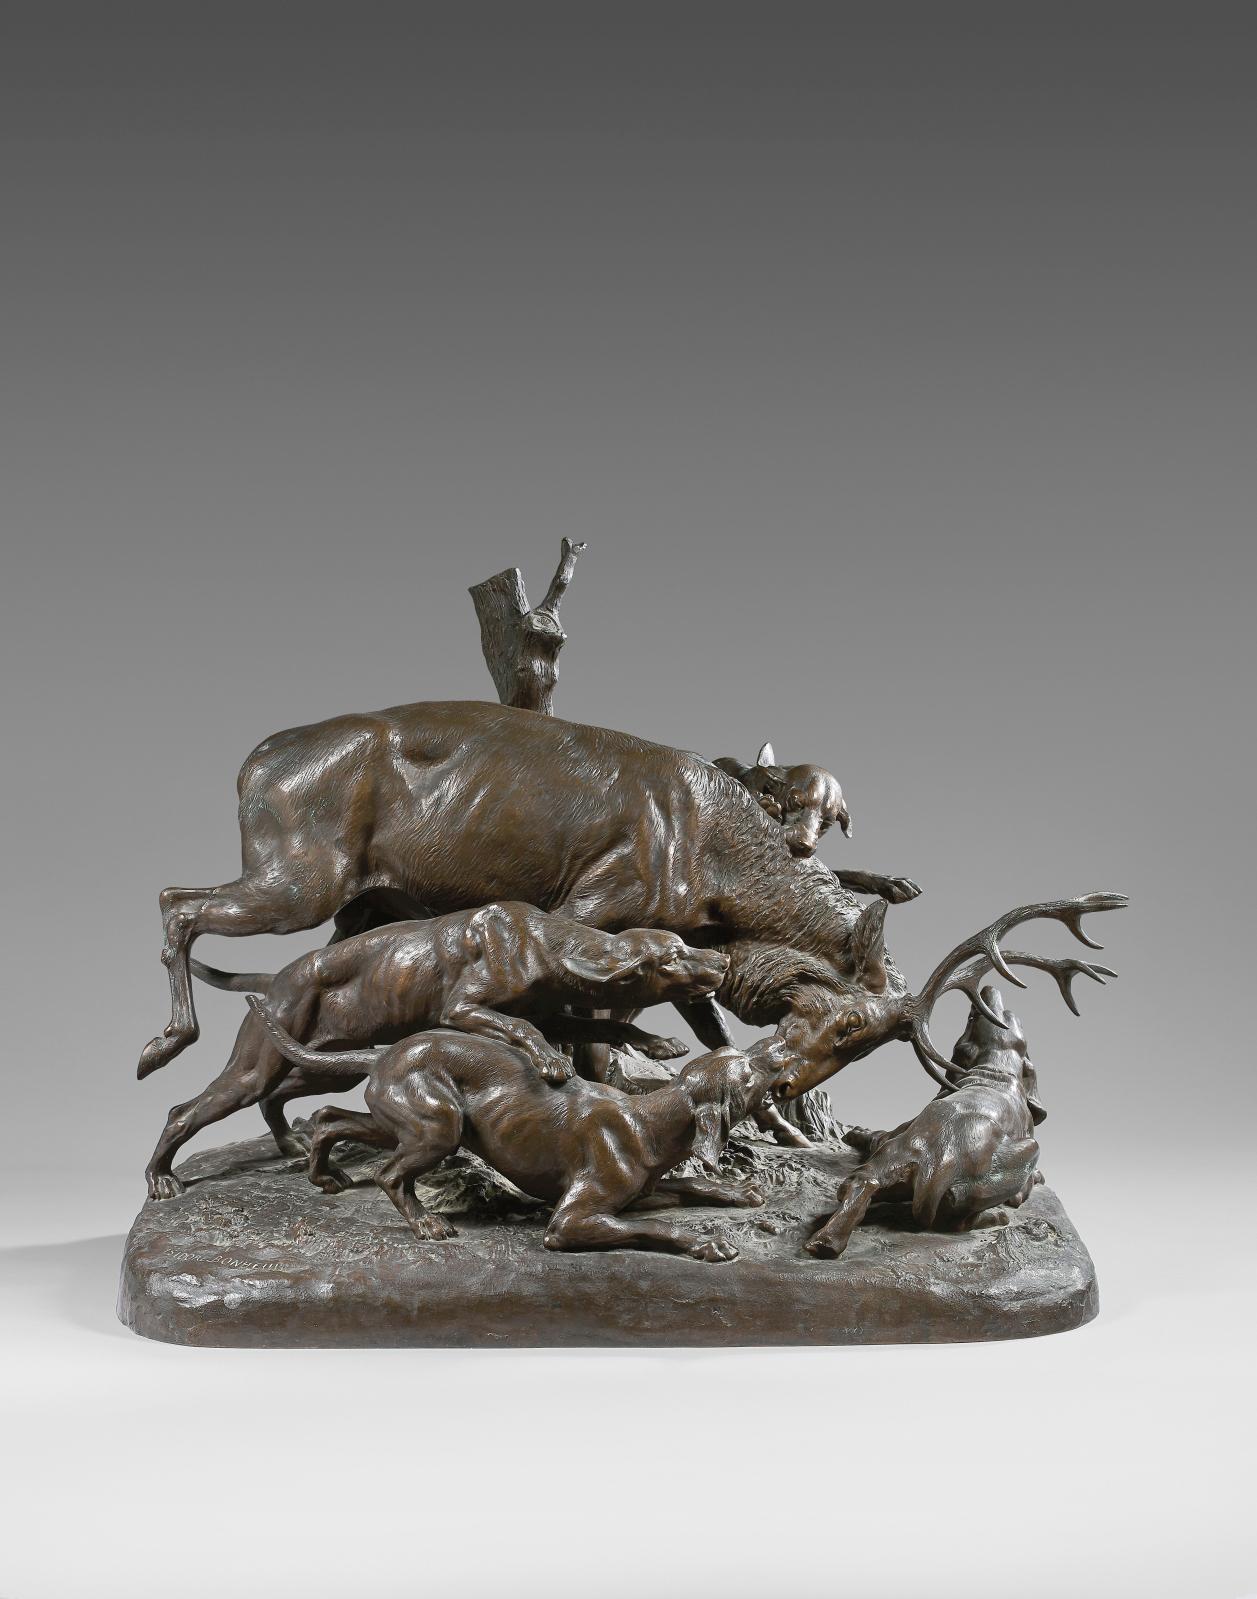 Isidore Bonheur (1827-1901), Cerf attaqué par quatre chiens, groupe en bronze à patine brune, fonte H.PeyrolFbt, 51x66cm. Estimation